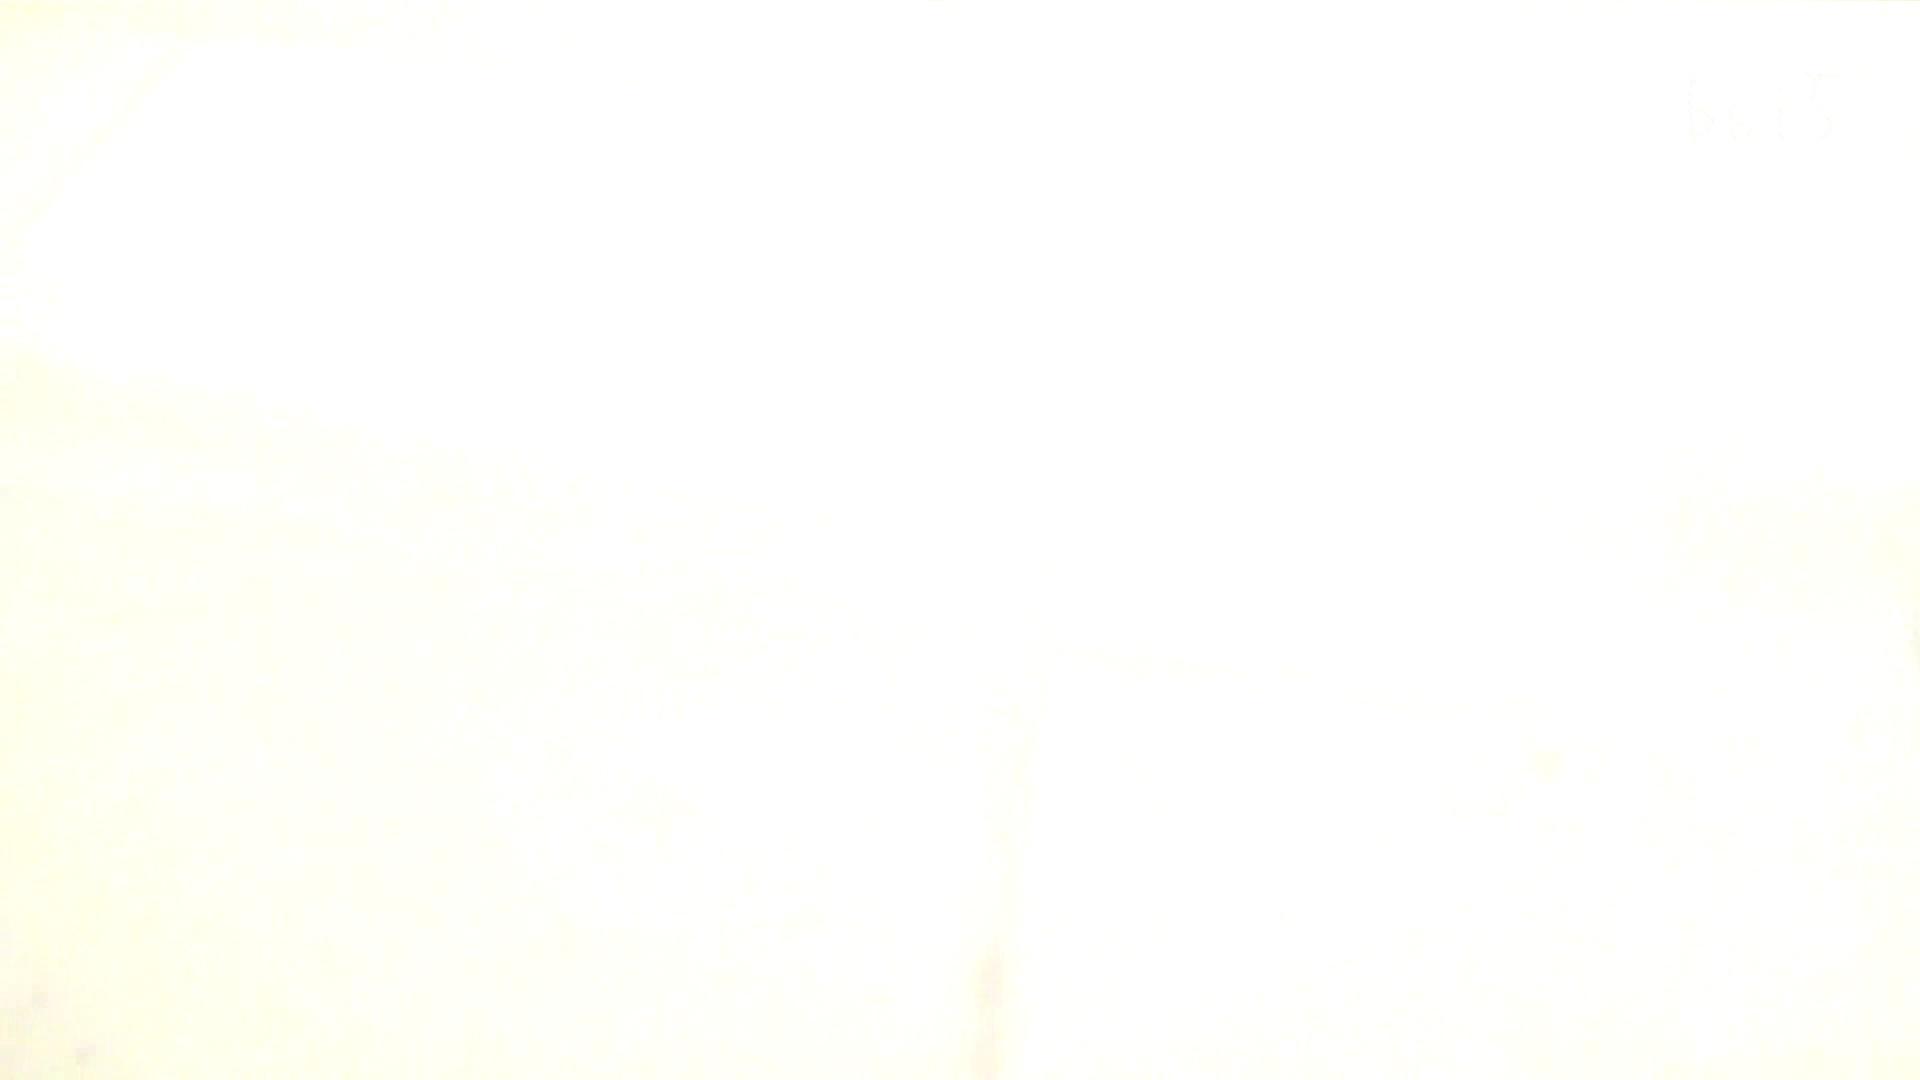 ナースのお小水 vol.005 ナースエロ画像 のぞき濡れ場動画紹介 58PICs 44